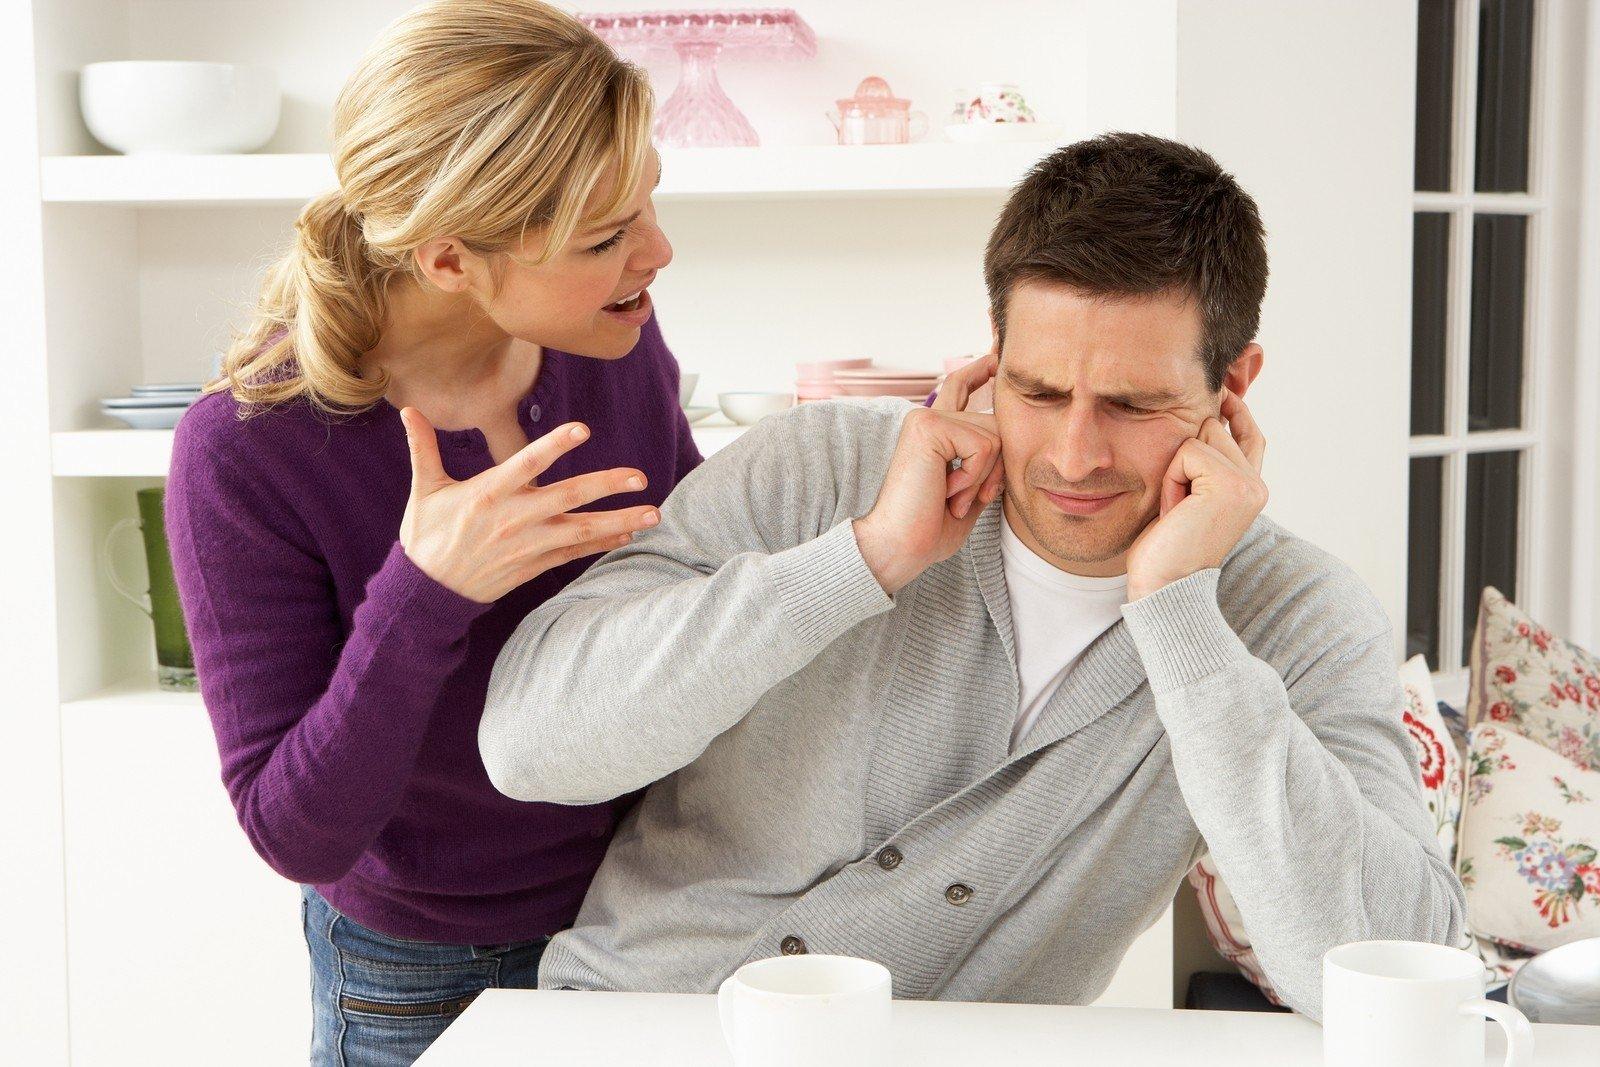 оплата без картинки про конфликты между мужем и женой нравится